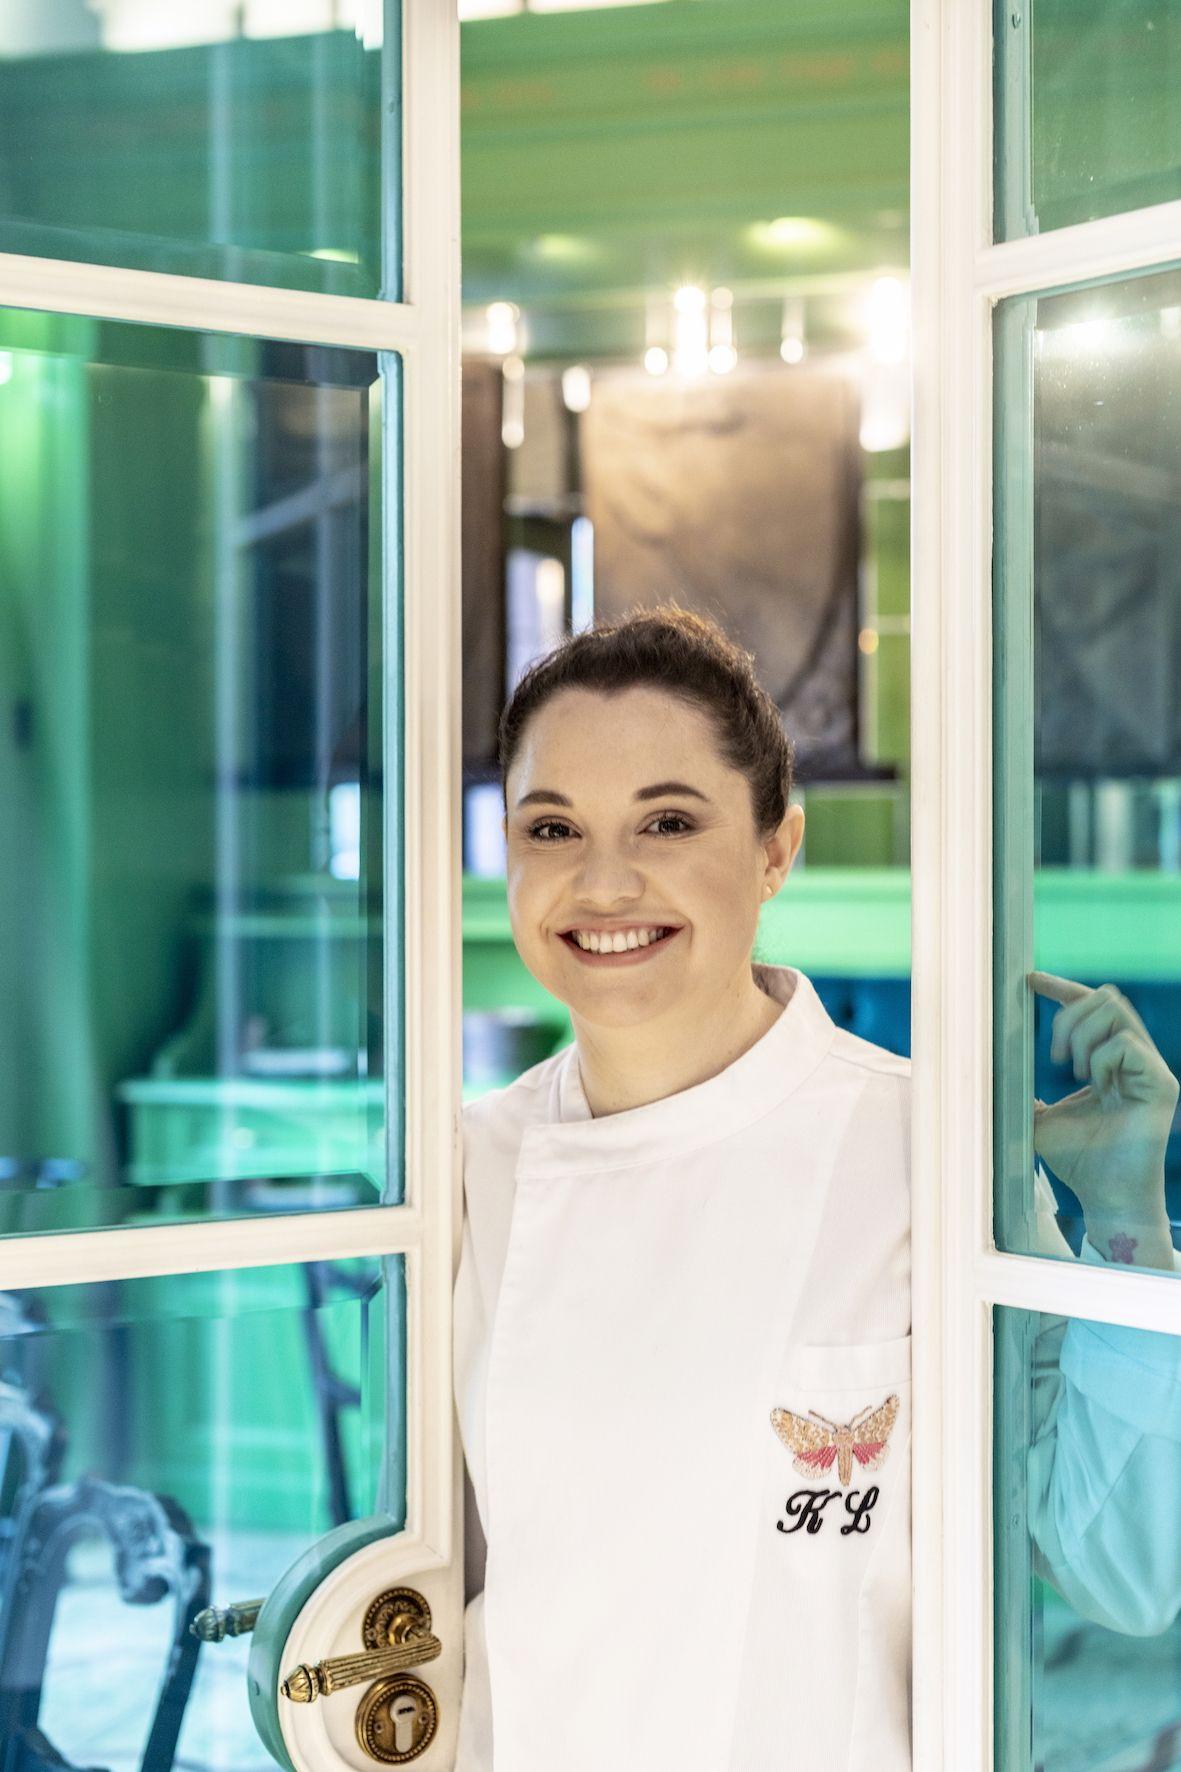 Karime Lopez è la chef alla moda che guida la Gucci Osteria di Firenze, e ha stregato Massimo Bottura